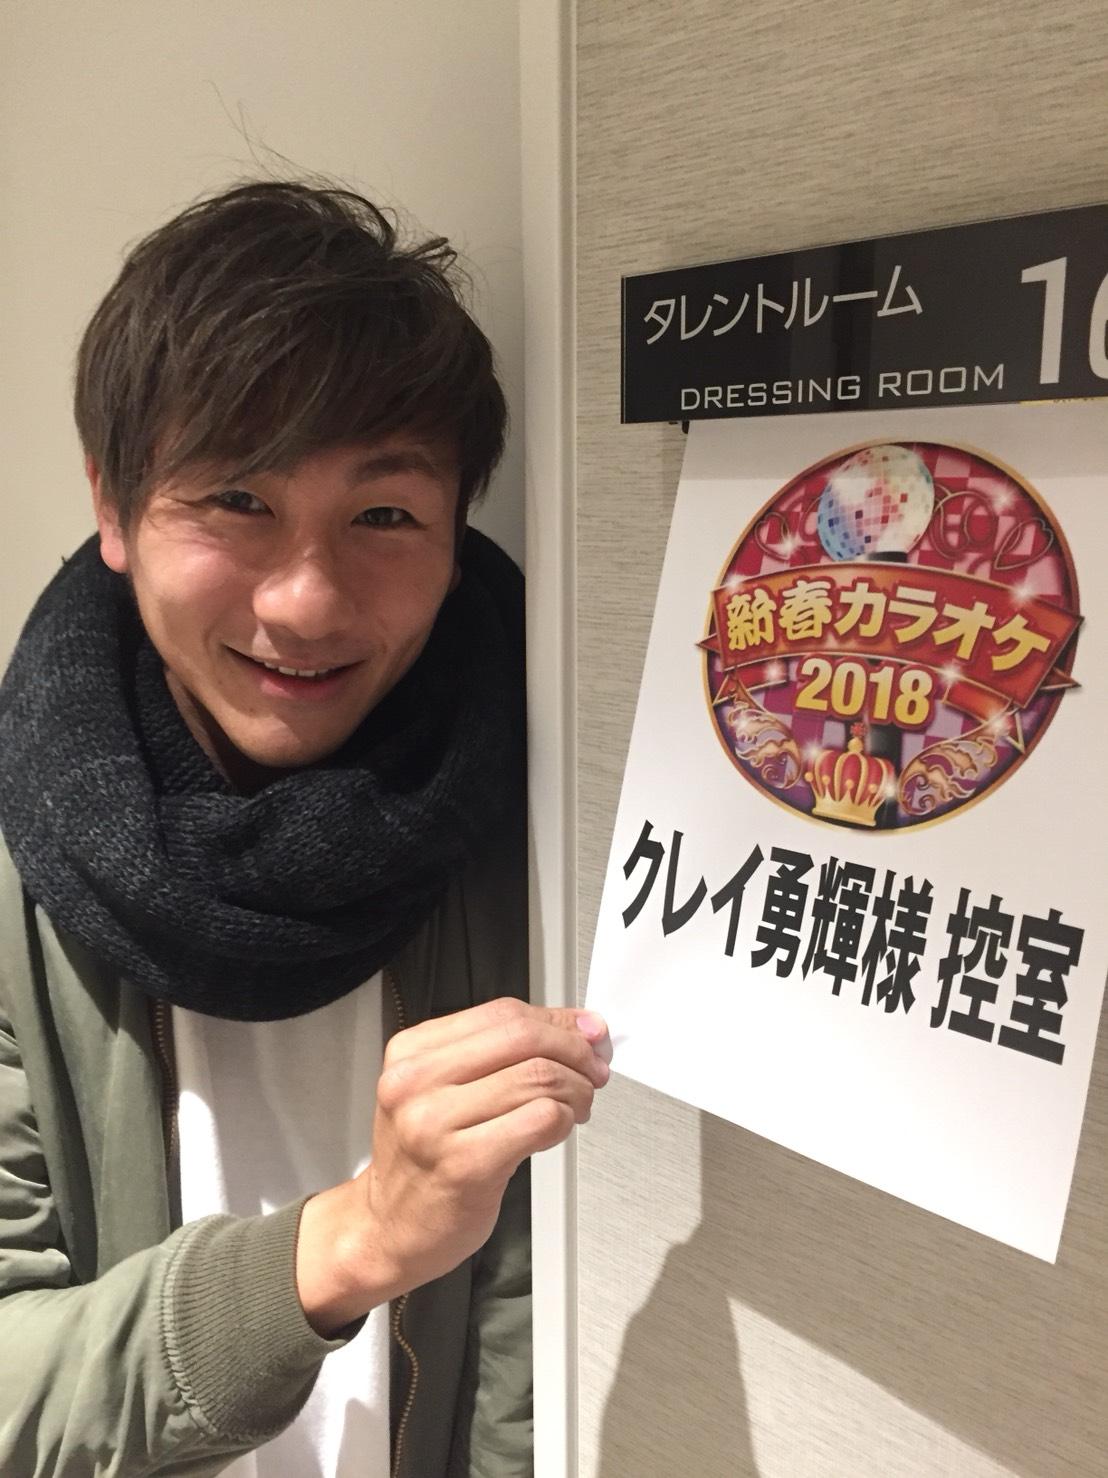 【12月31日出演】テレビ東京 「落ちましておめでとうございます!」